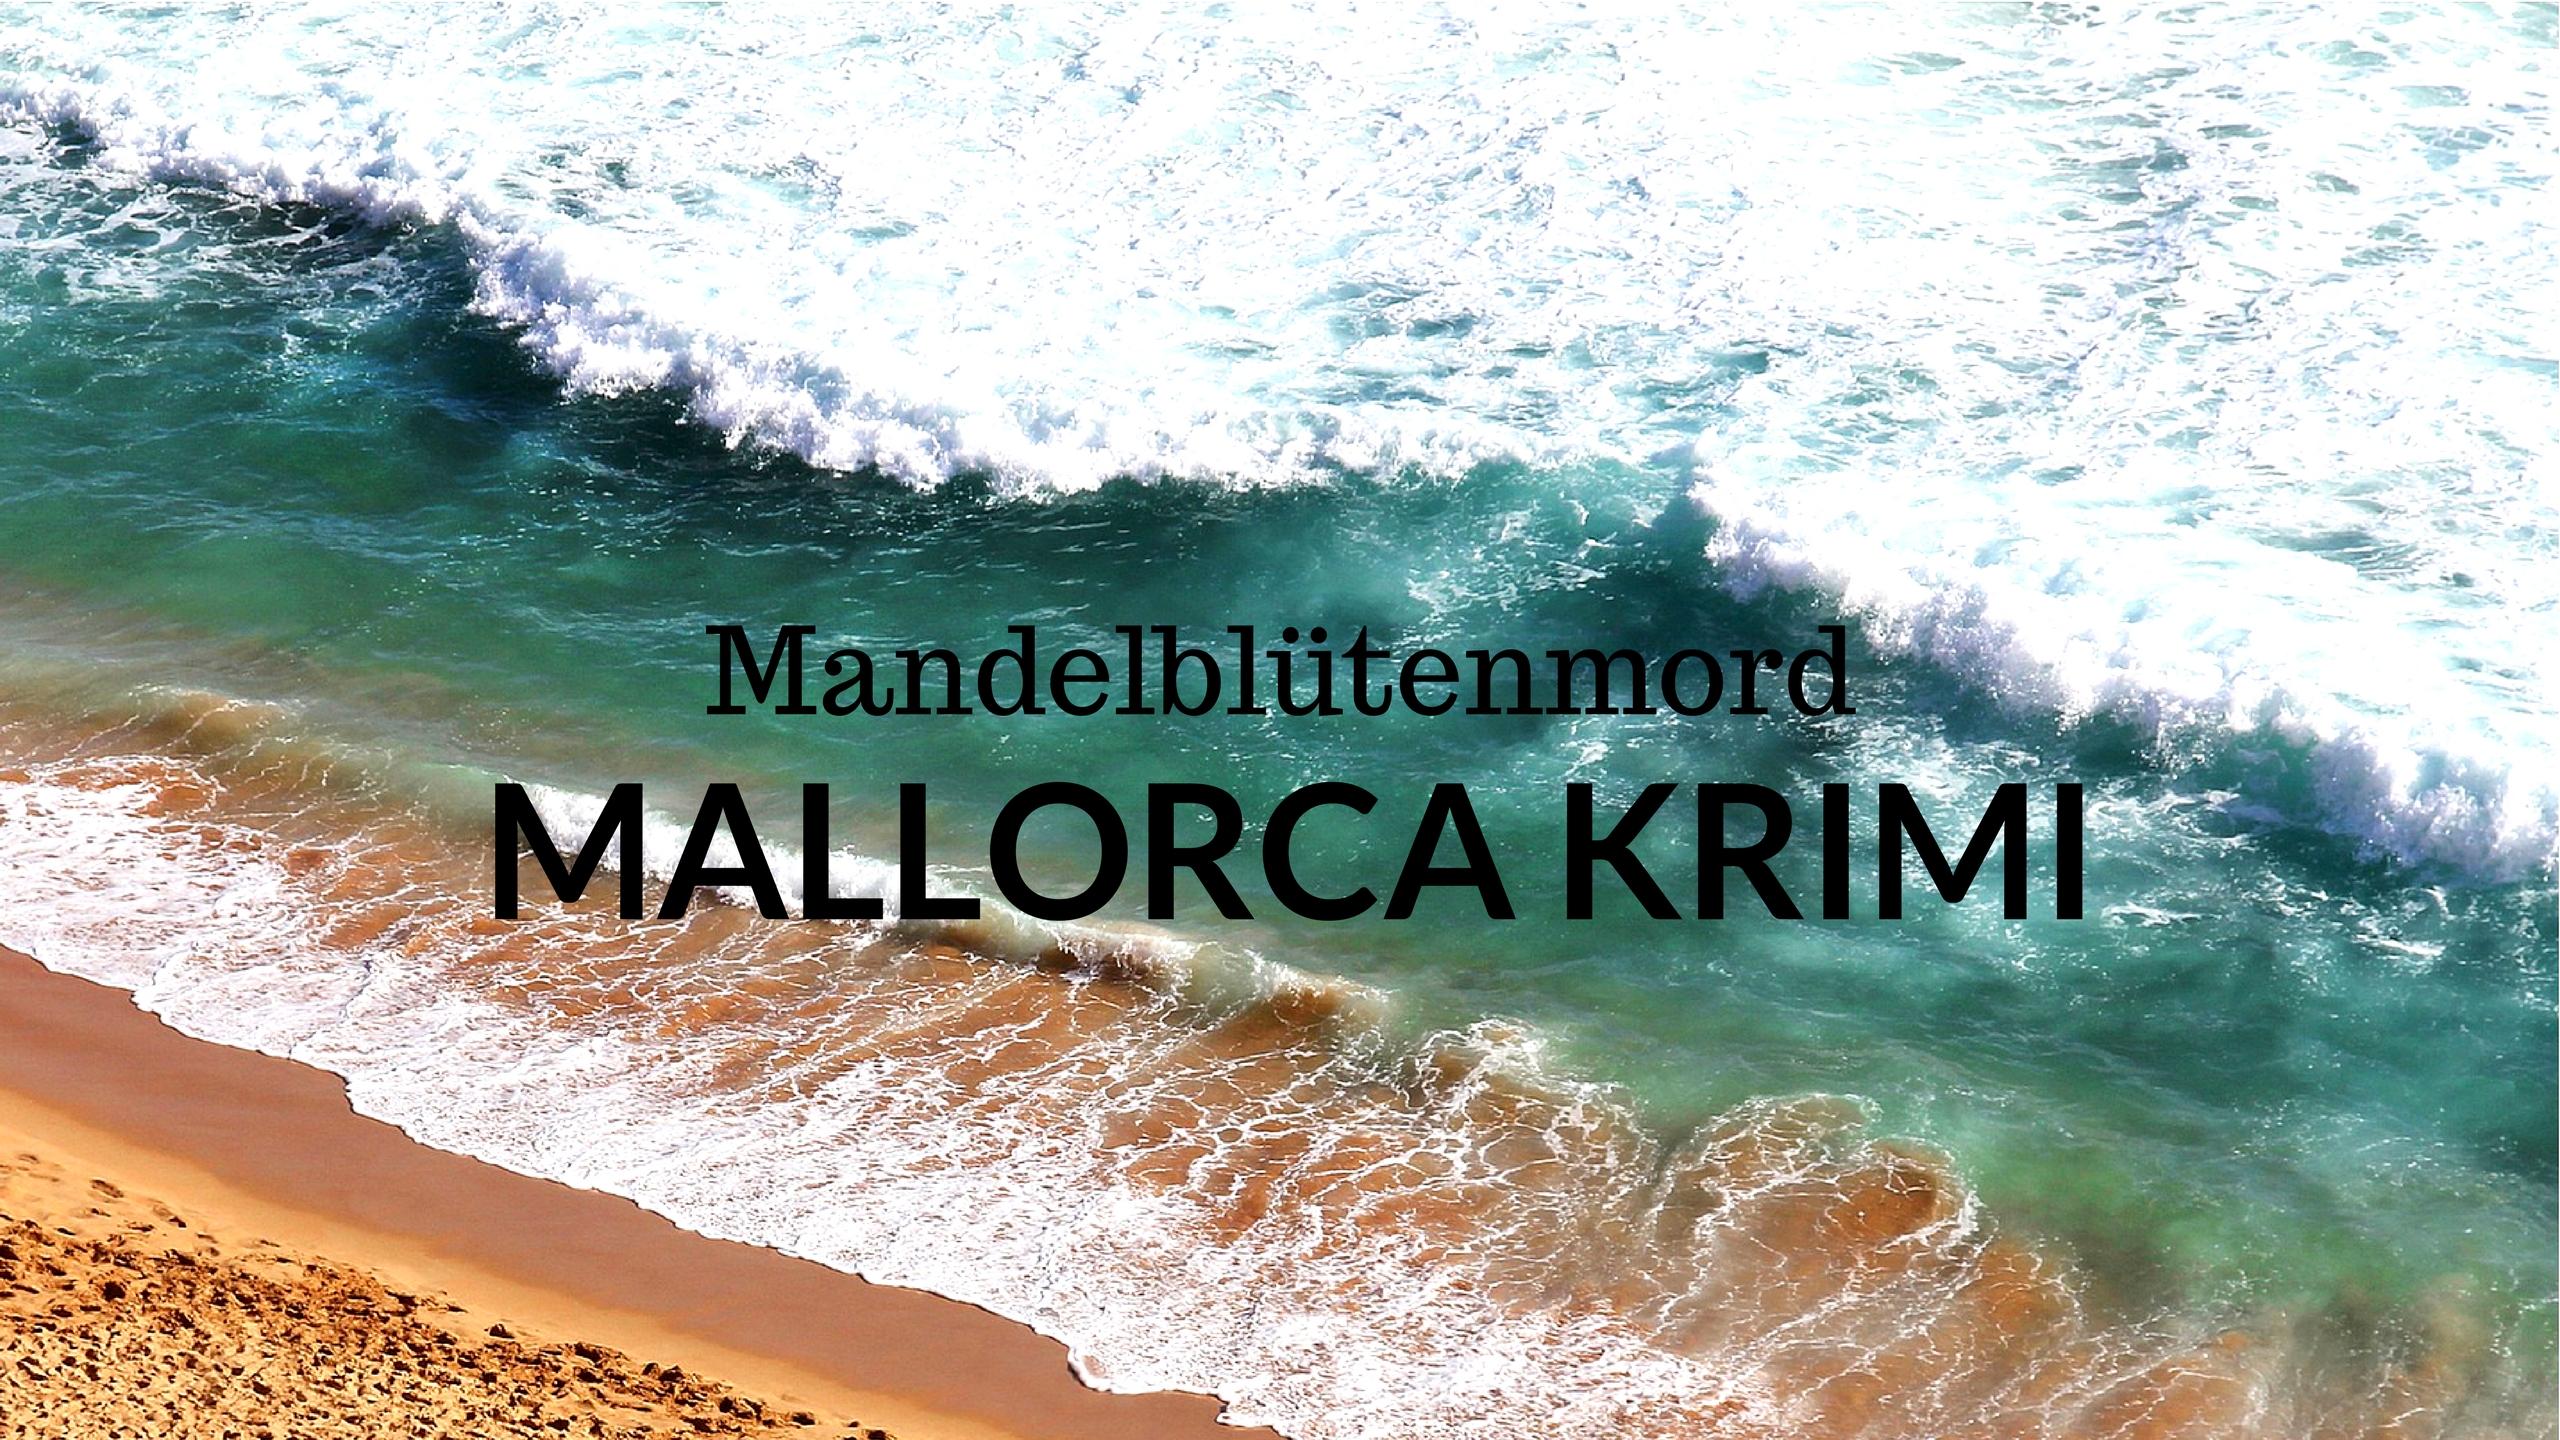 Mallorca Krimi